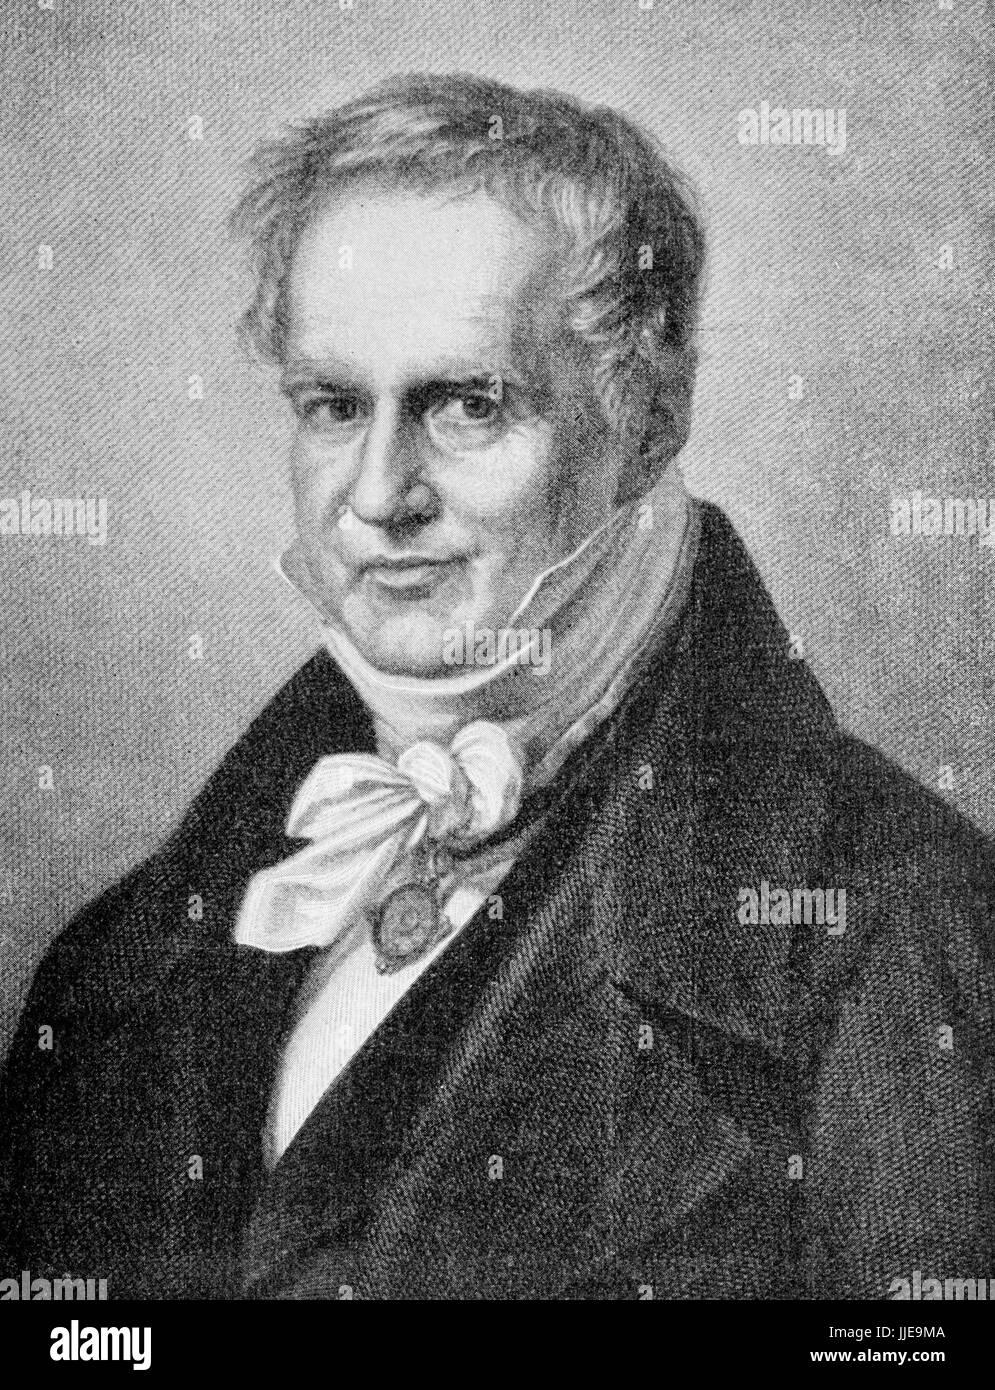 Portrait of Friedrich Wilhelm Heinrich Alexander von Humboldt Prussian geographer, naturalist, explorer and exponent - Stock Image